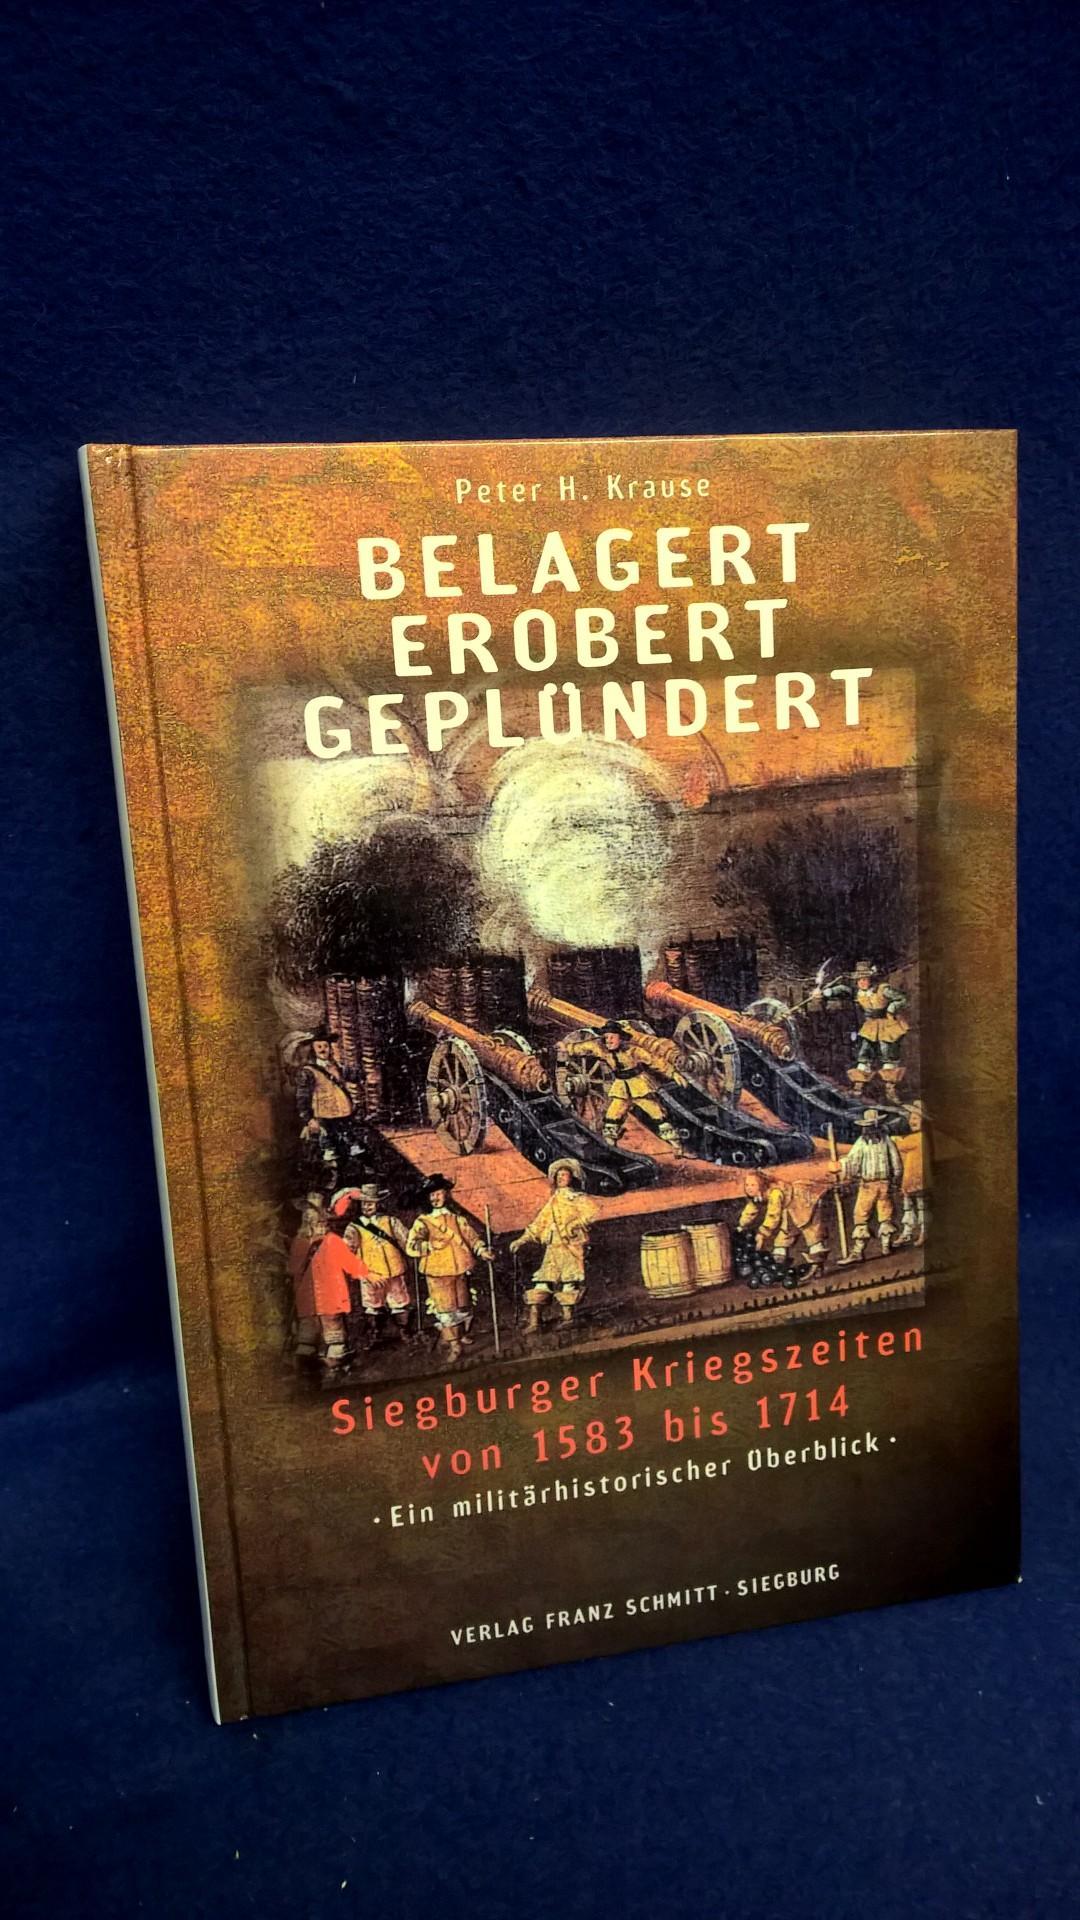 Belagert, Erobert, Geplündert. Siegburger Kriegszeiten von 1583 bis 1714. Ein militärhistorischer Überblick.